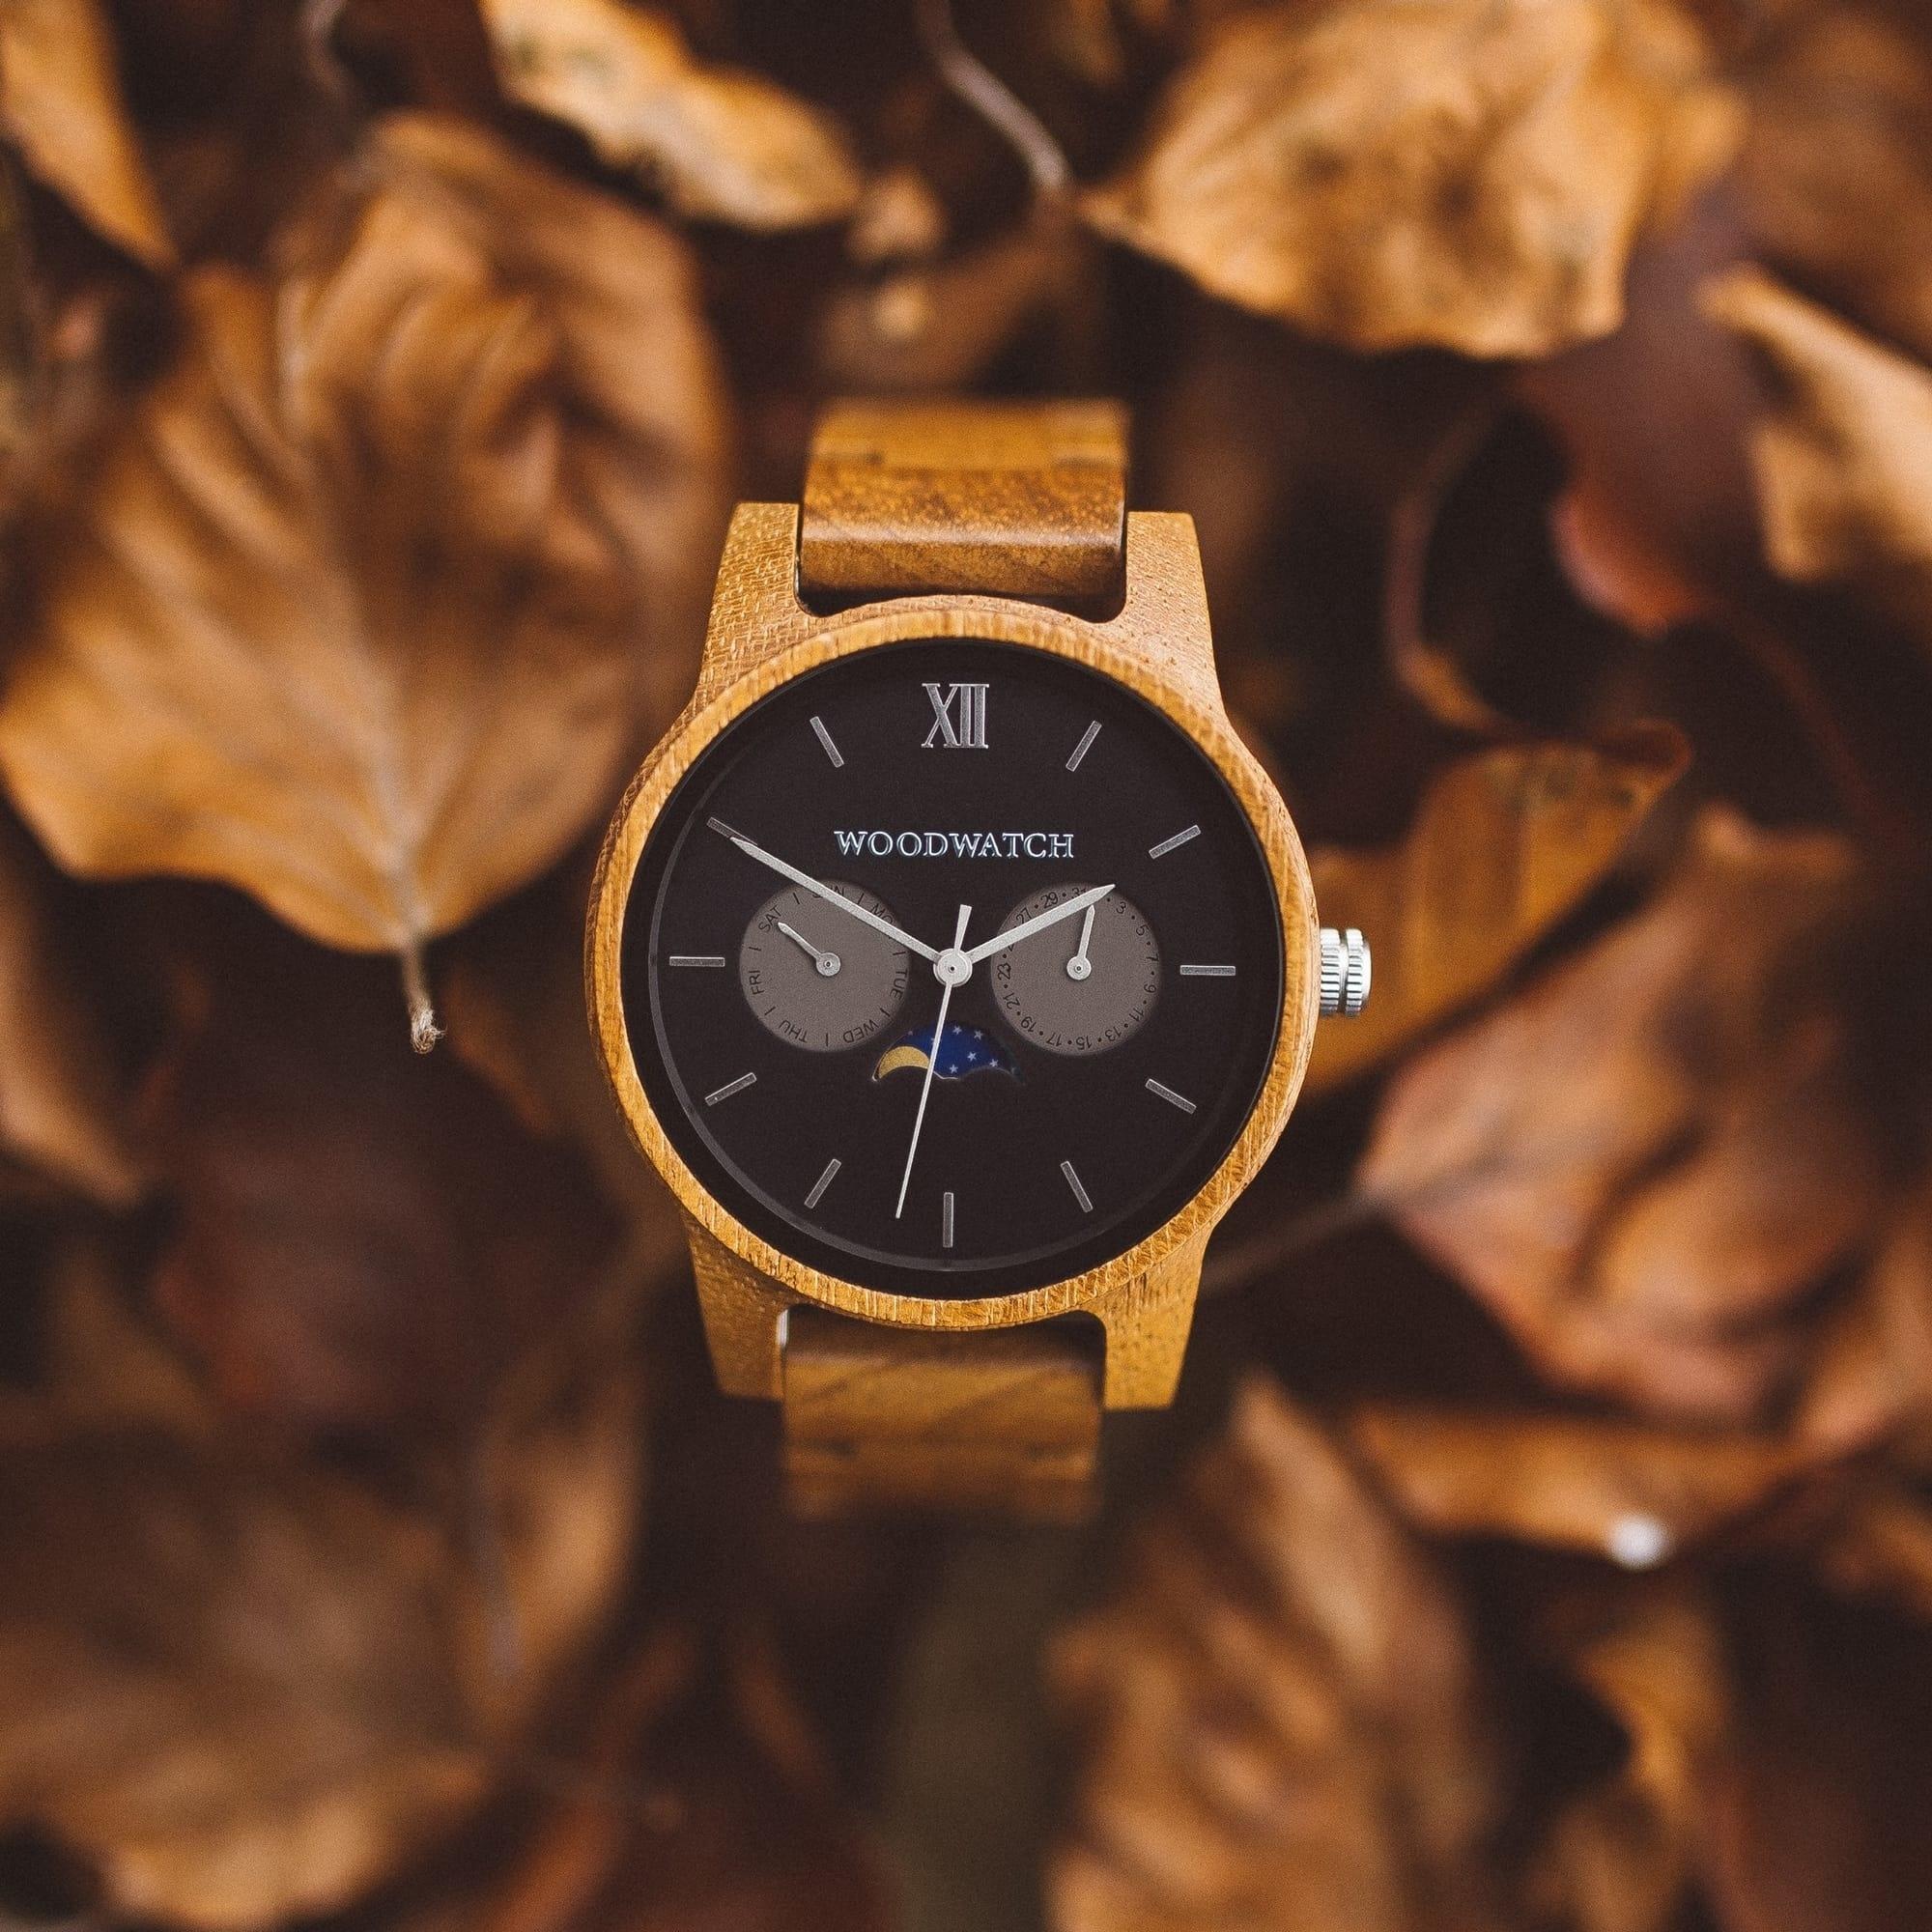 De CLASSIC Collectie vernieuwt de esthetiek van een WoodWatch op een stijlvolle manier. De dunne behuizing heeft een klassieke uitstraling en kenmerkt zich met een maankalender uurwerk en twee extra subdials met week- en maandaanduiding.De CLASSIC Maveri